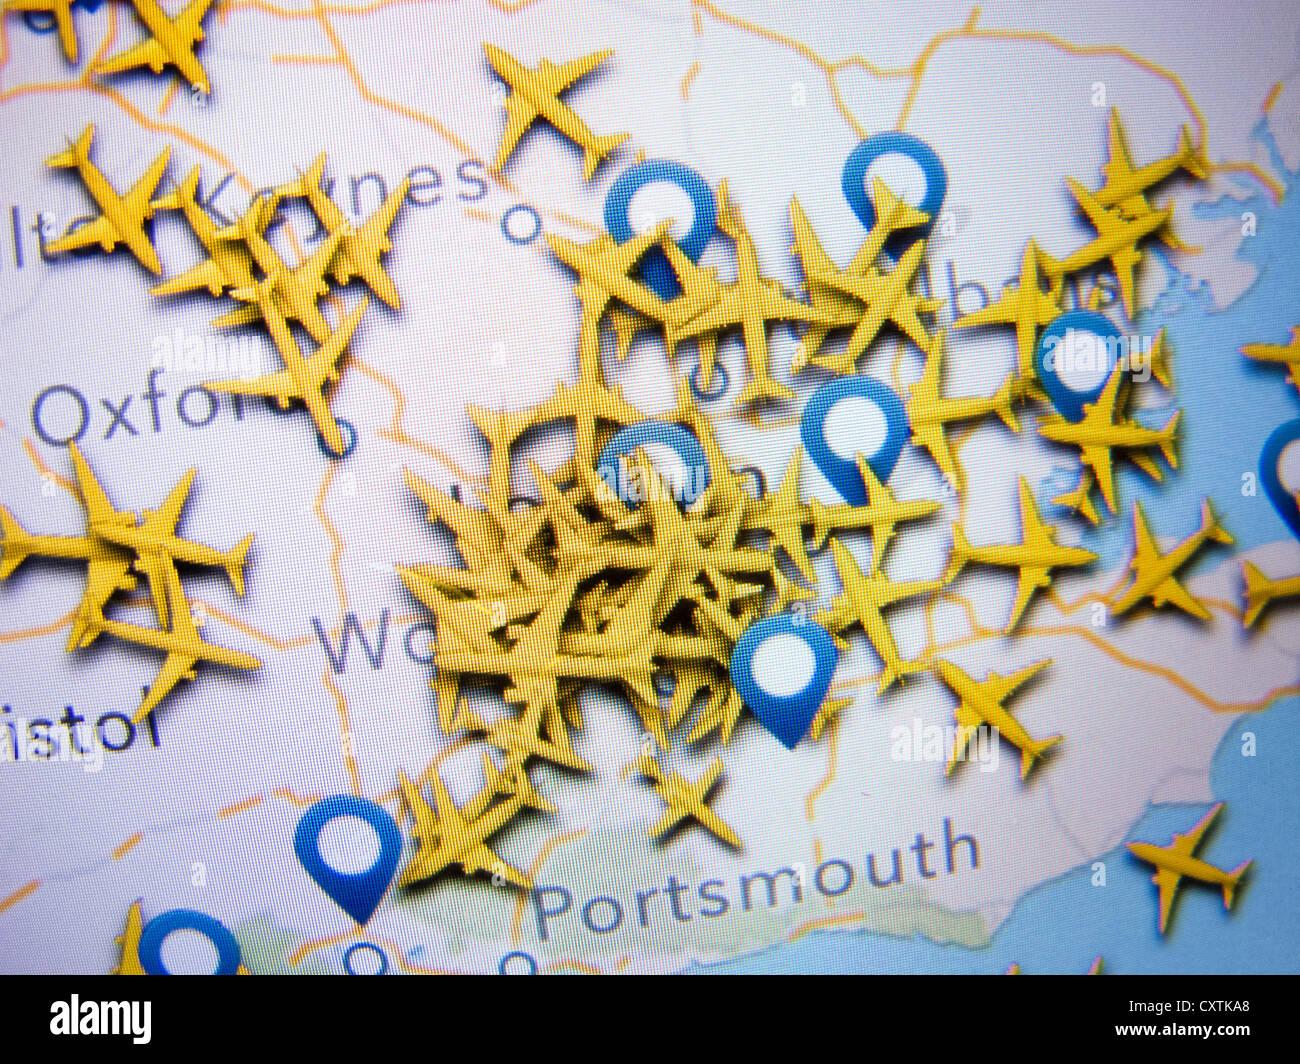 Realtime Flugzeug Radar Lage verstopft viele Flugzeuge im Luftraum rund um Heathrow Flughafen wie gezeigt auf eine Stockfoto